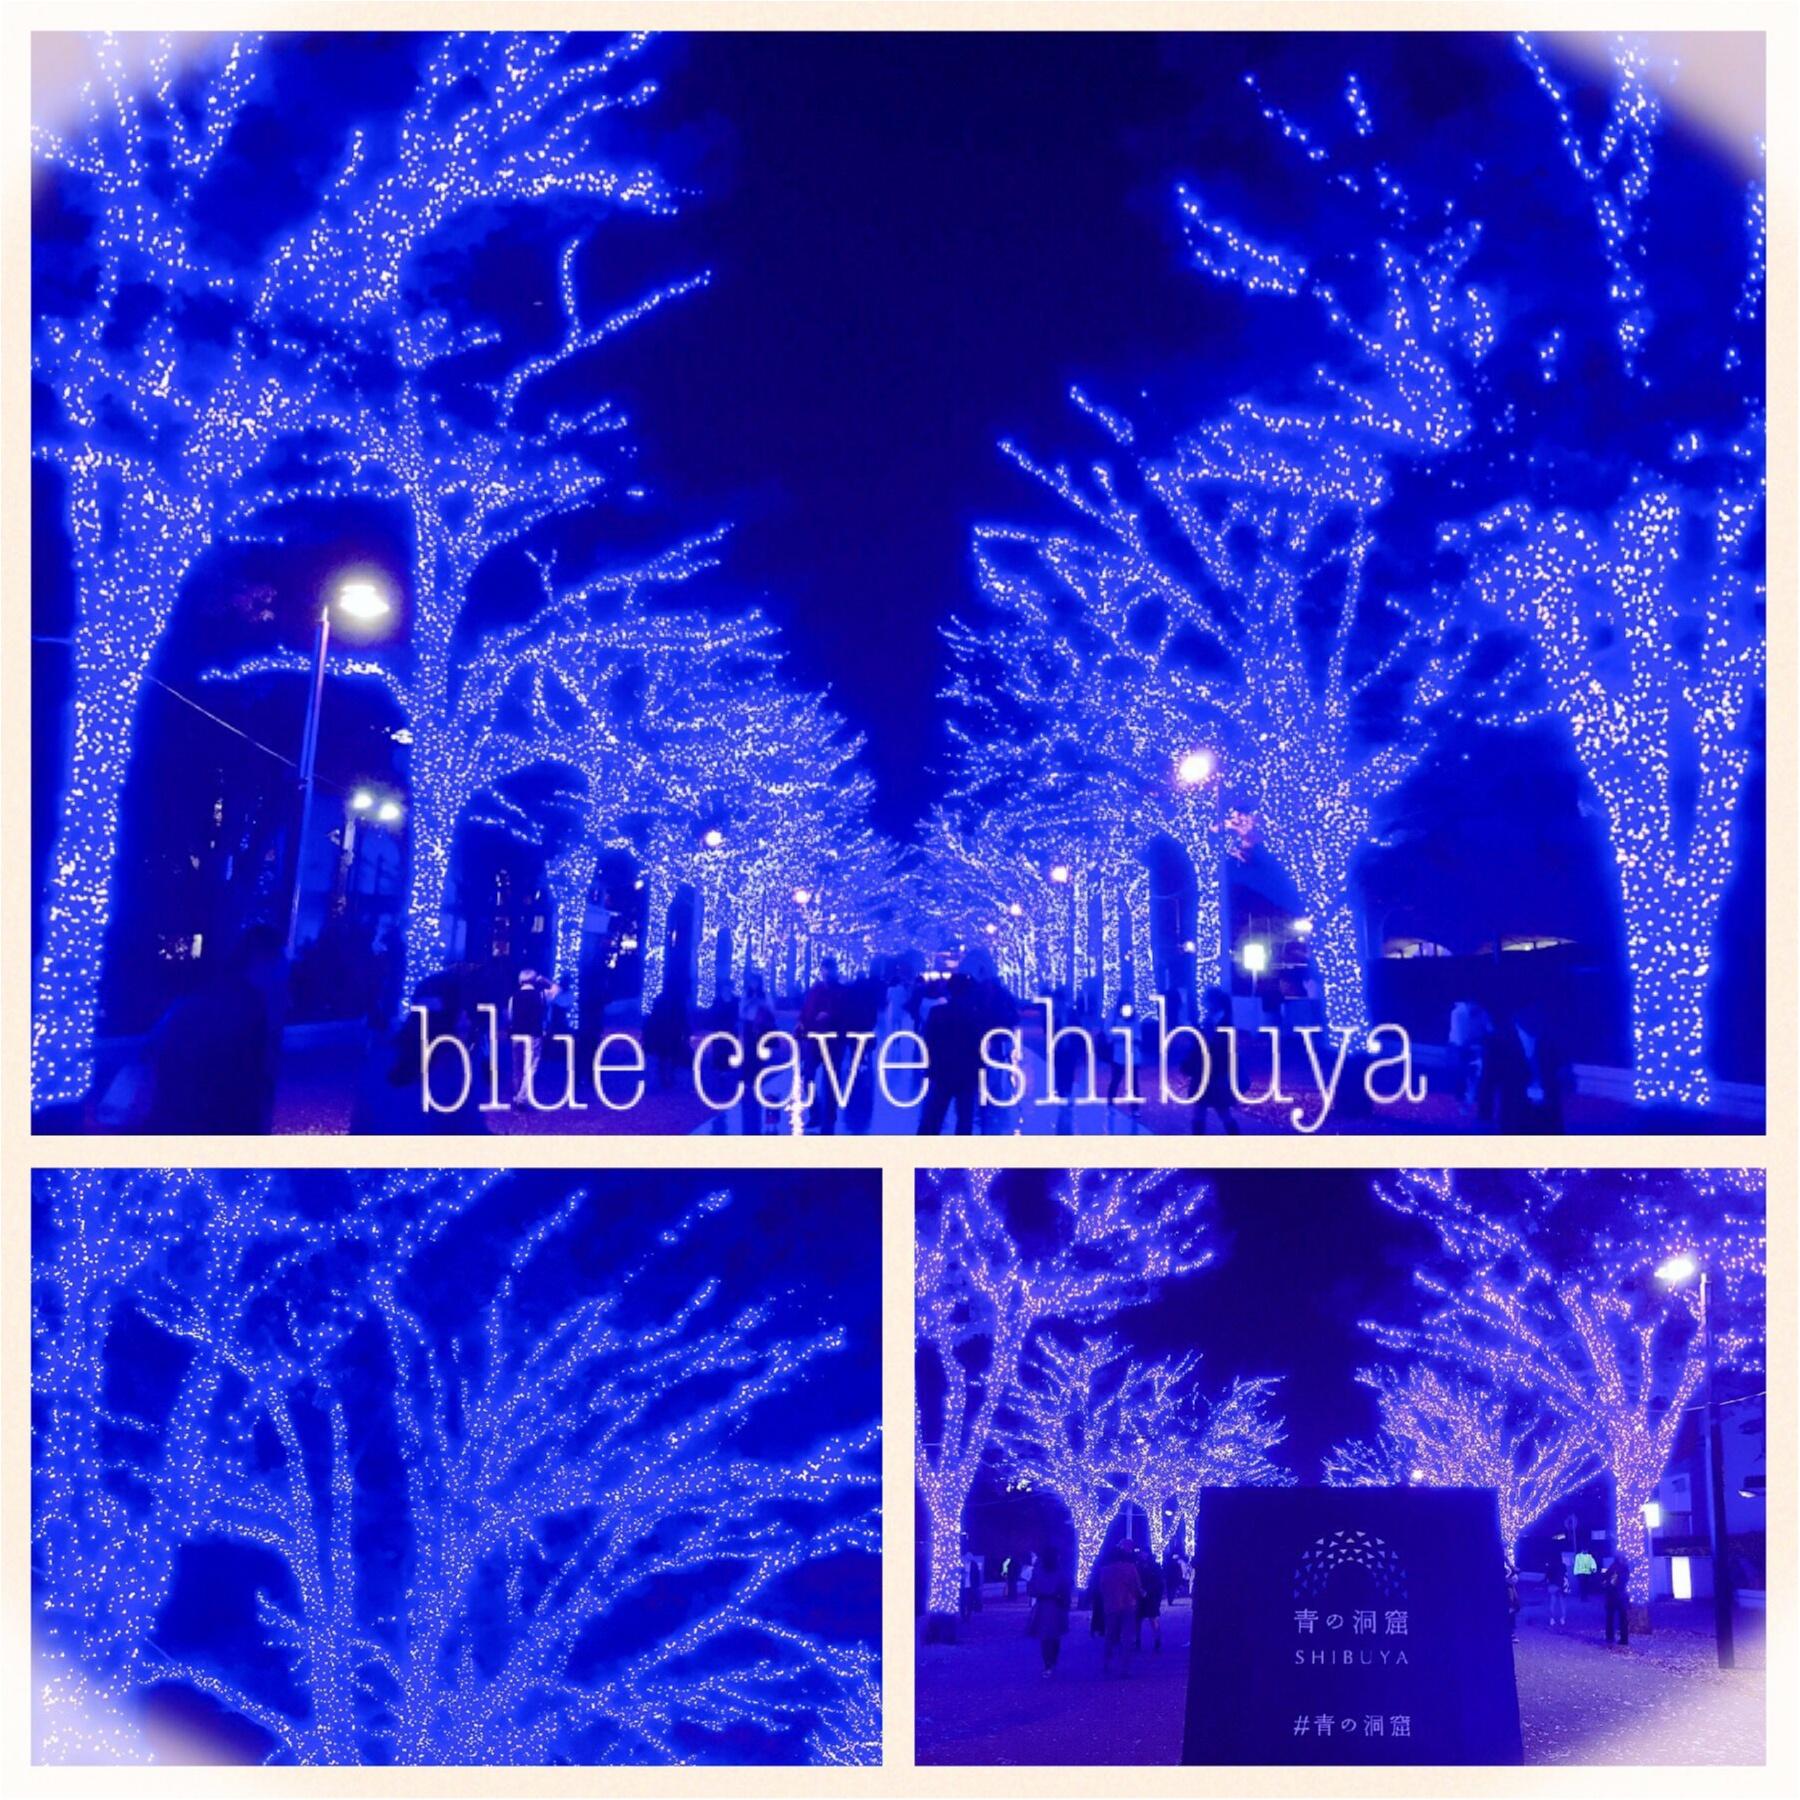 あの『青の洞窟』が渋谷に帰ってきた♡一面ブルーのイルミネーションは見逃し厳禁(*´ ˘ `*)_1